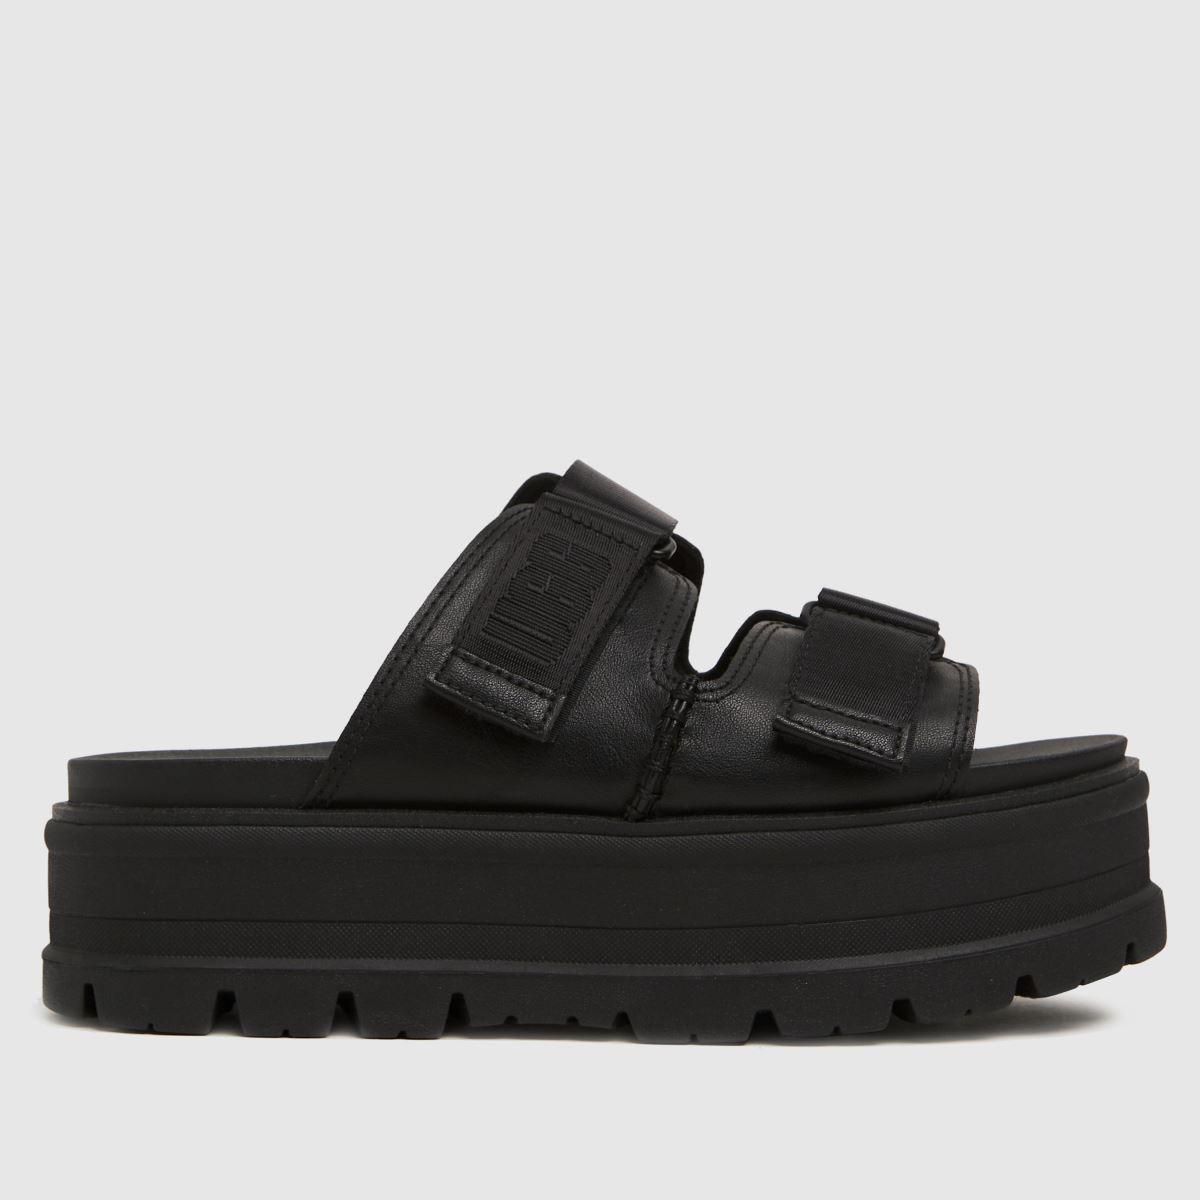 UGG Black Clem Sandal Sandals